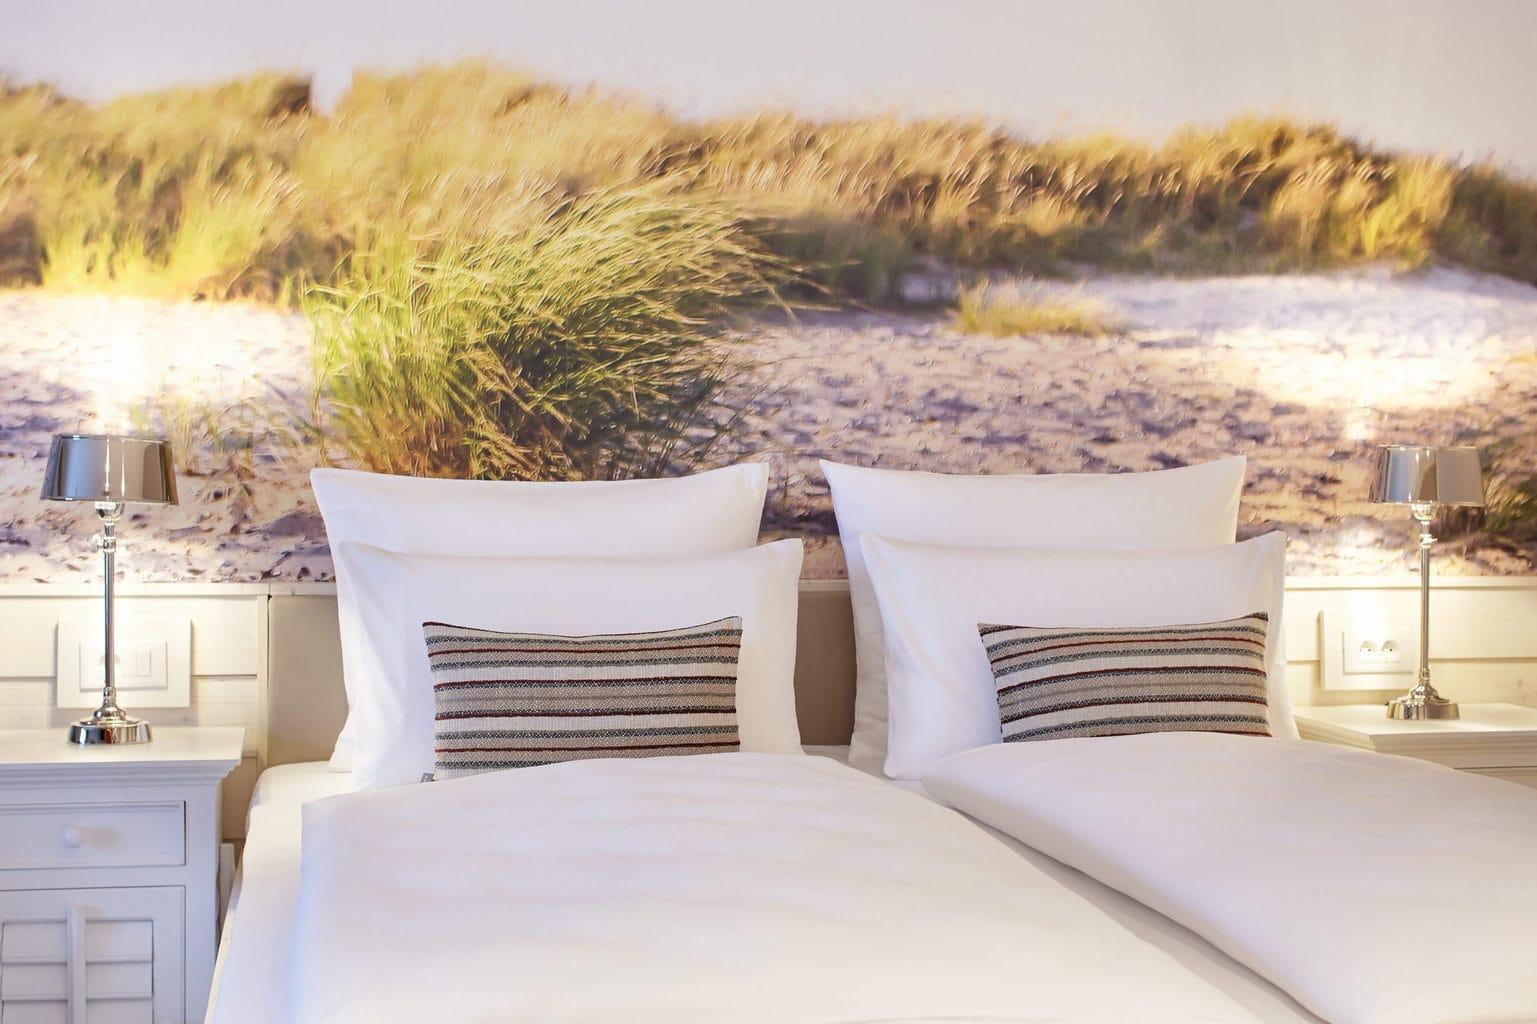 Bedden voor duinenbehang in Beach Motel